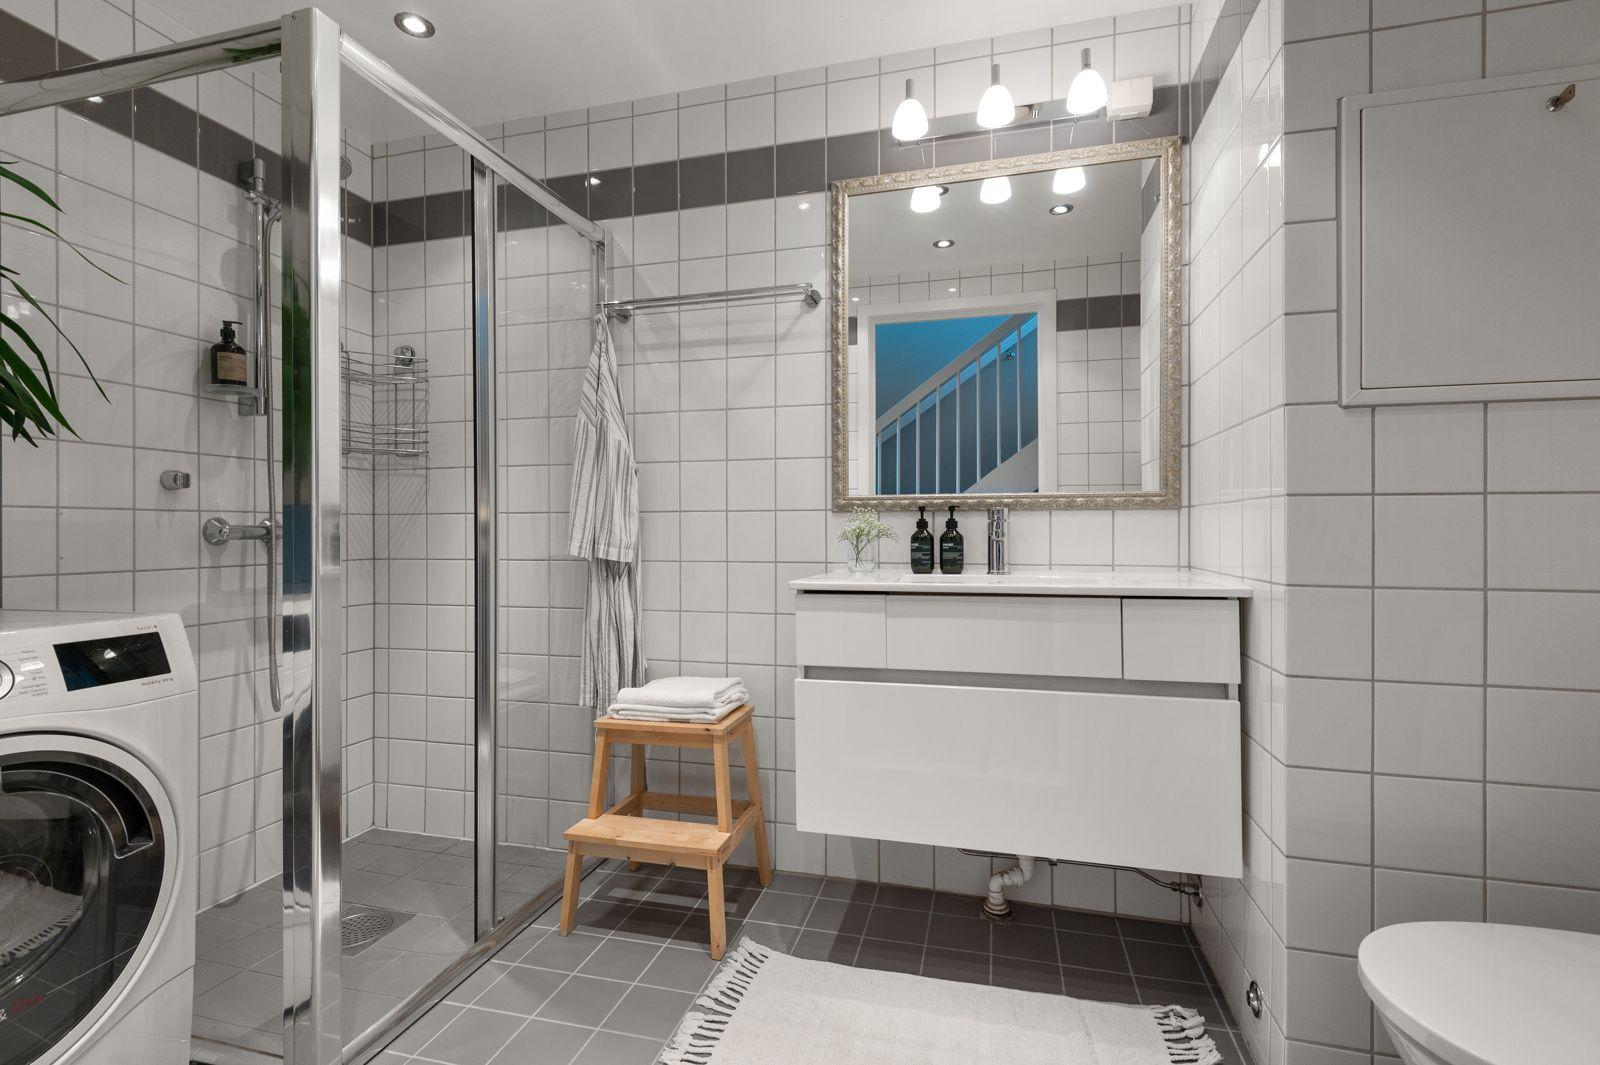 Bergensgata 36 G Leiligheten har et lyst og moderne flislagt baderom fra byggeår 2004. Baderommet har mørke fliser på gulv med gulvvarme, lyse fliser på veggene og downlights i himlingen.